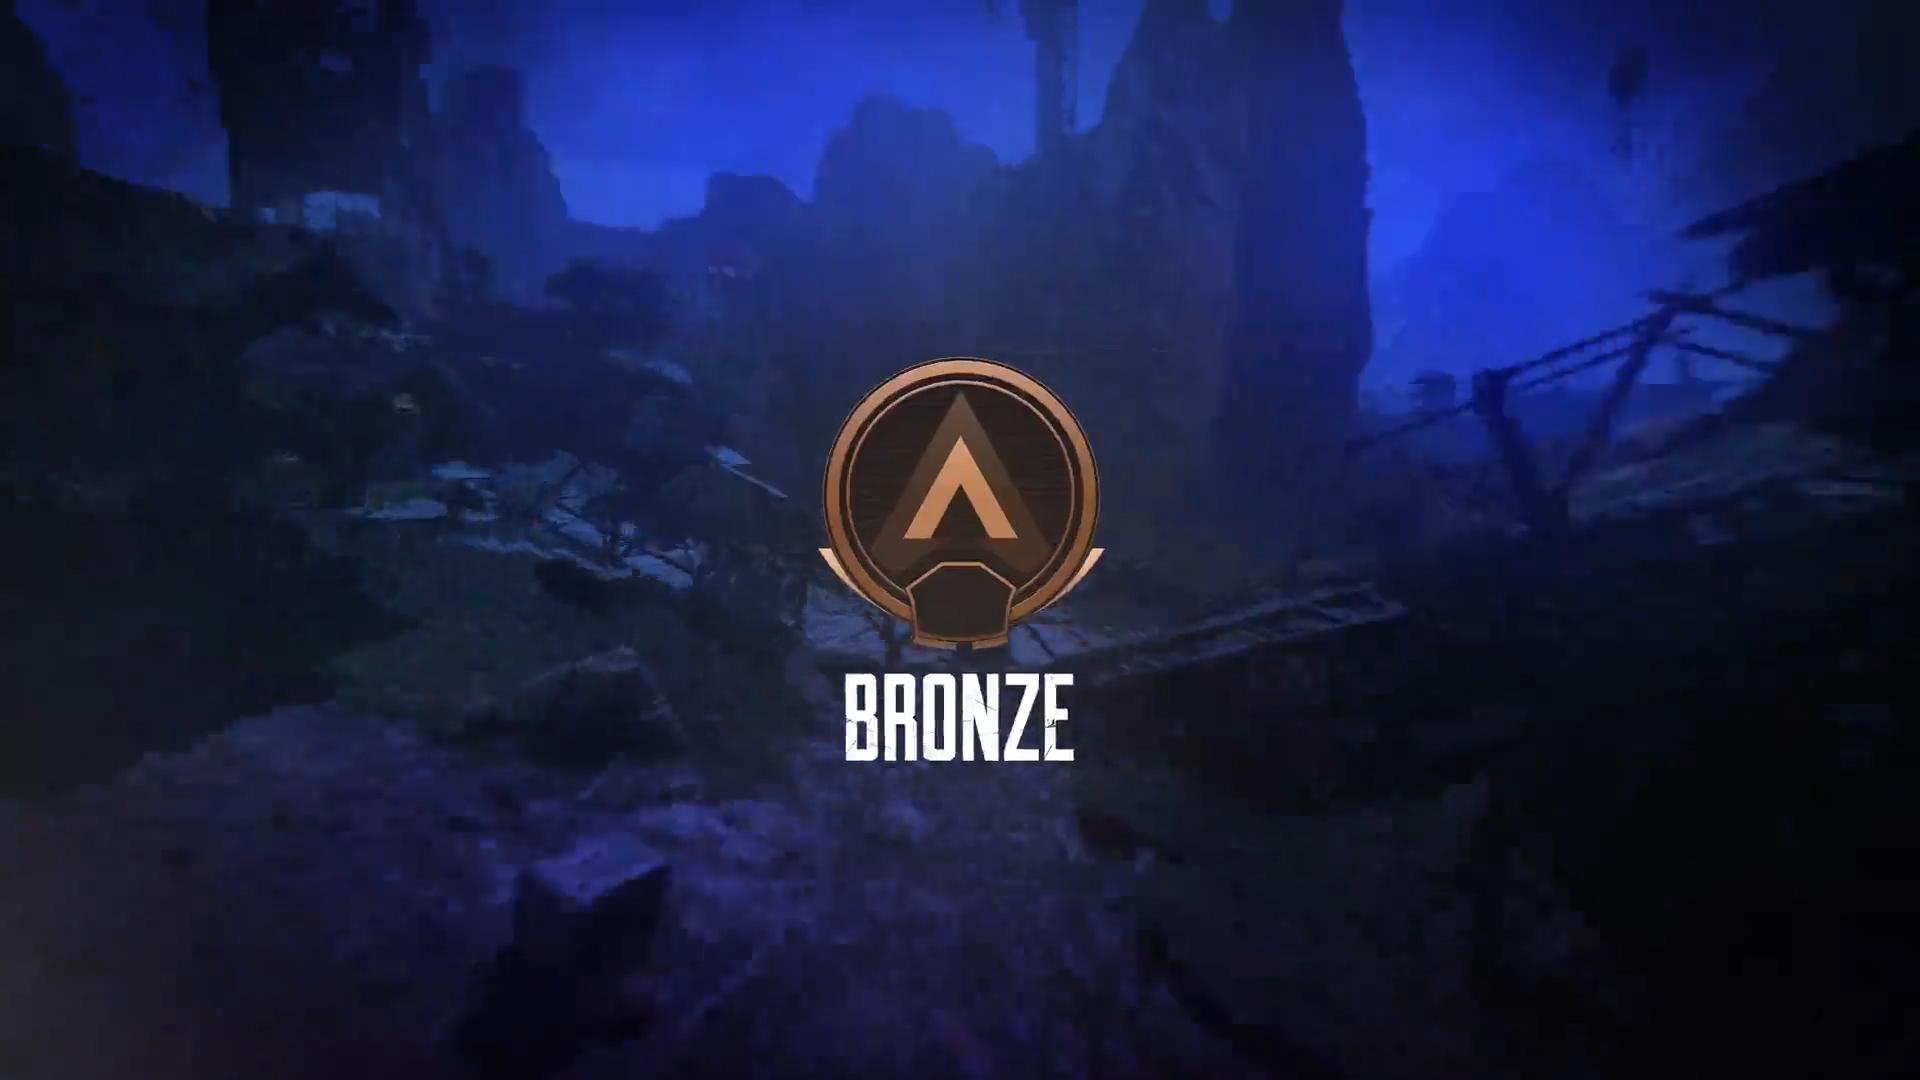 【APEX】ブロンズ帯のマッチでランク上げをしていたダイヤモンド以上のプレイヤーが「419名」BANされた模様